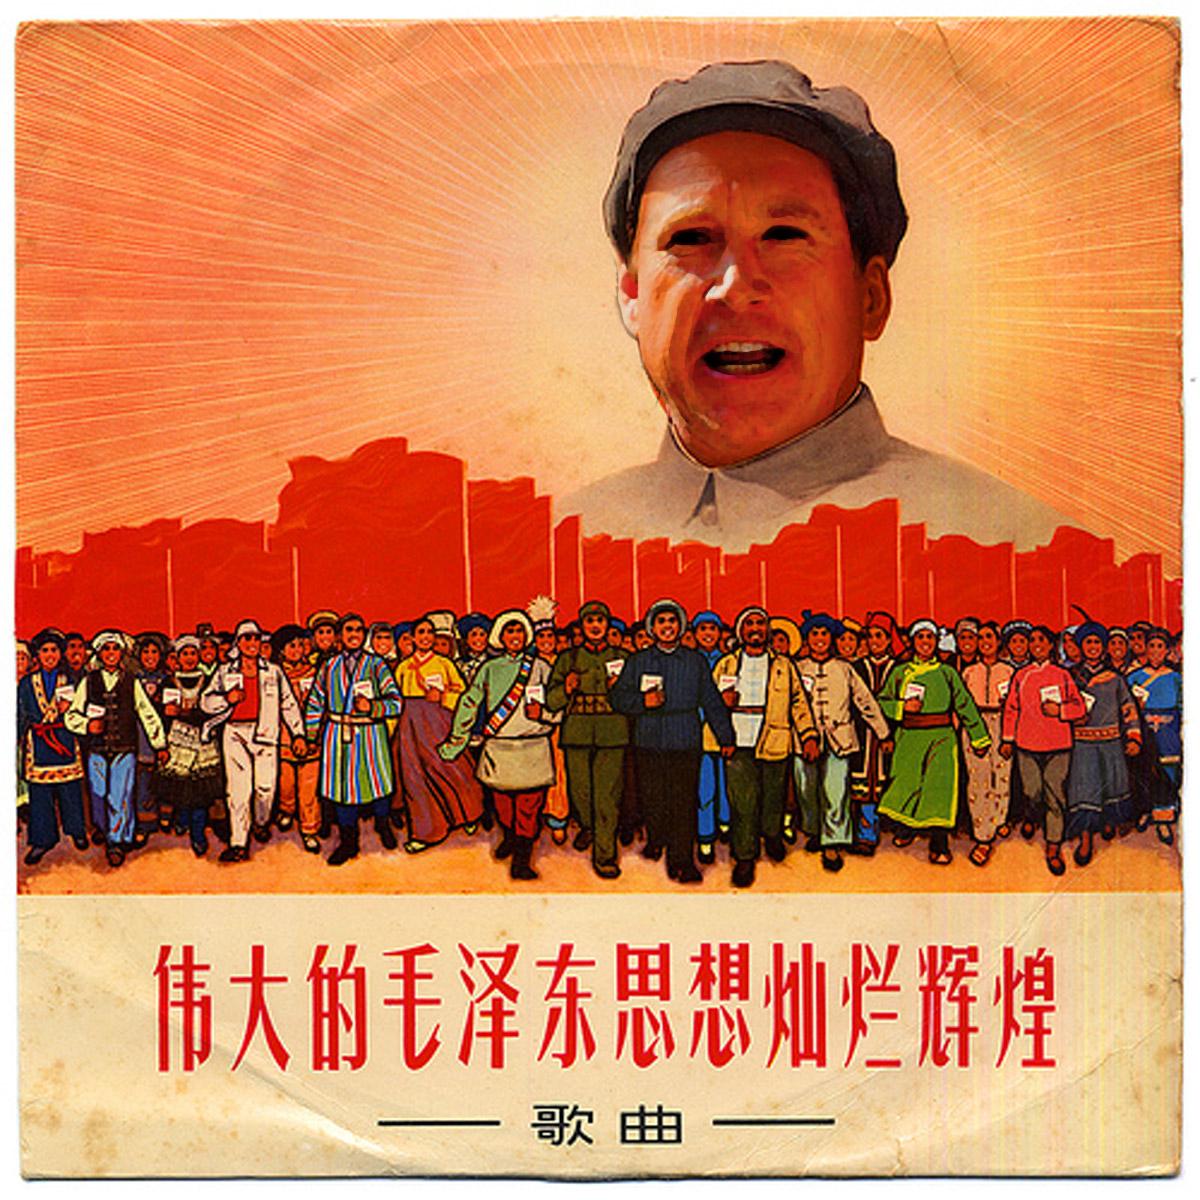 Поздравление китайцев с юбилеем с переводчиком